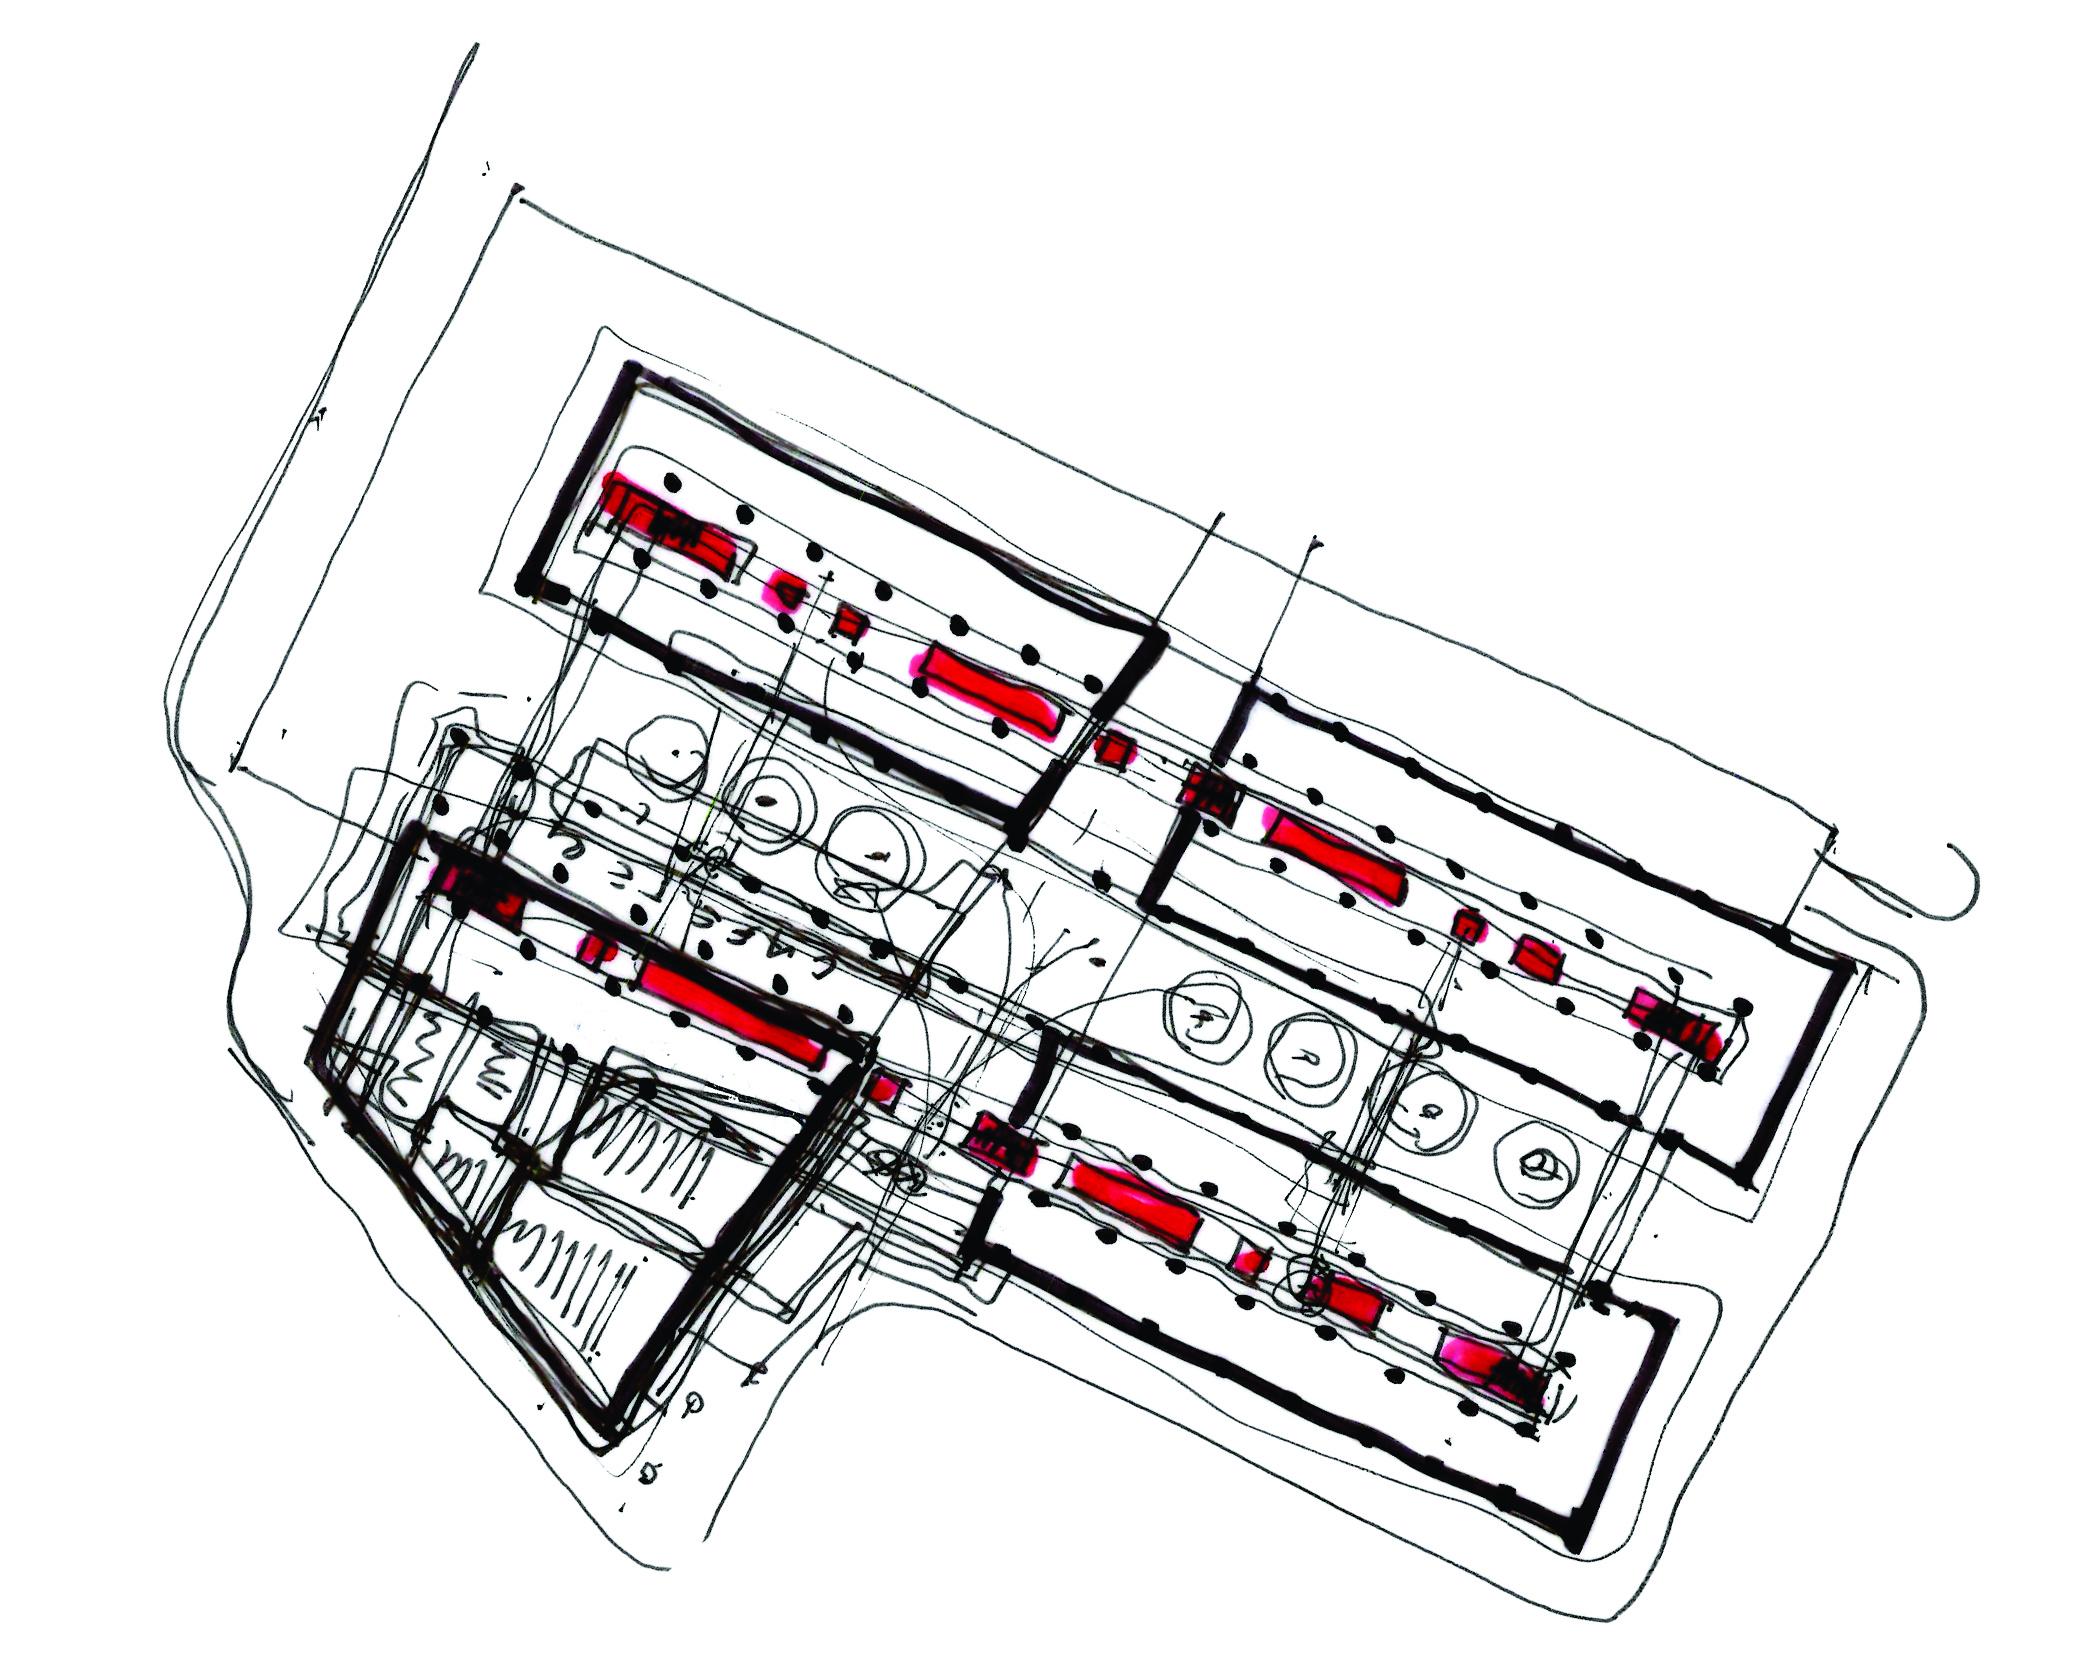 Eskom Concept Sketch